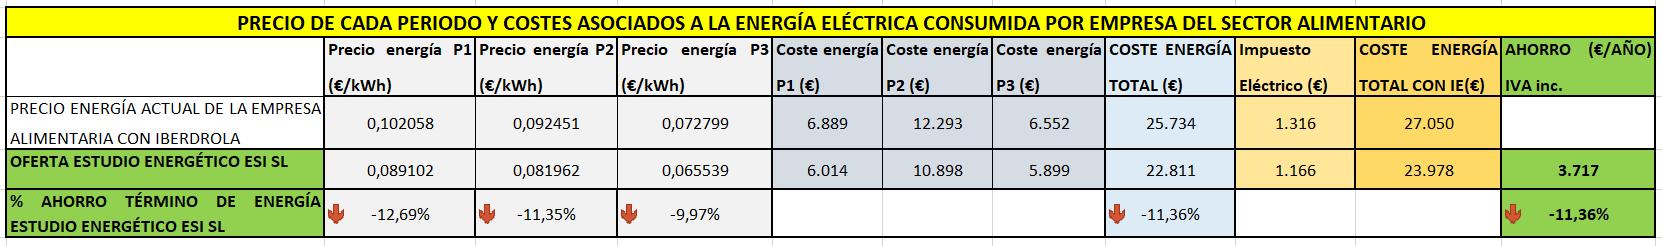 Precio de cada periodo y costes asociados a la energía eléctrica consumida por empresa de cítricos